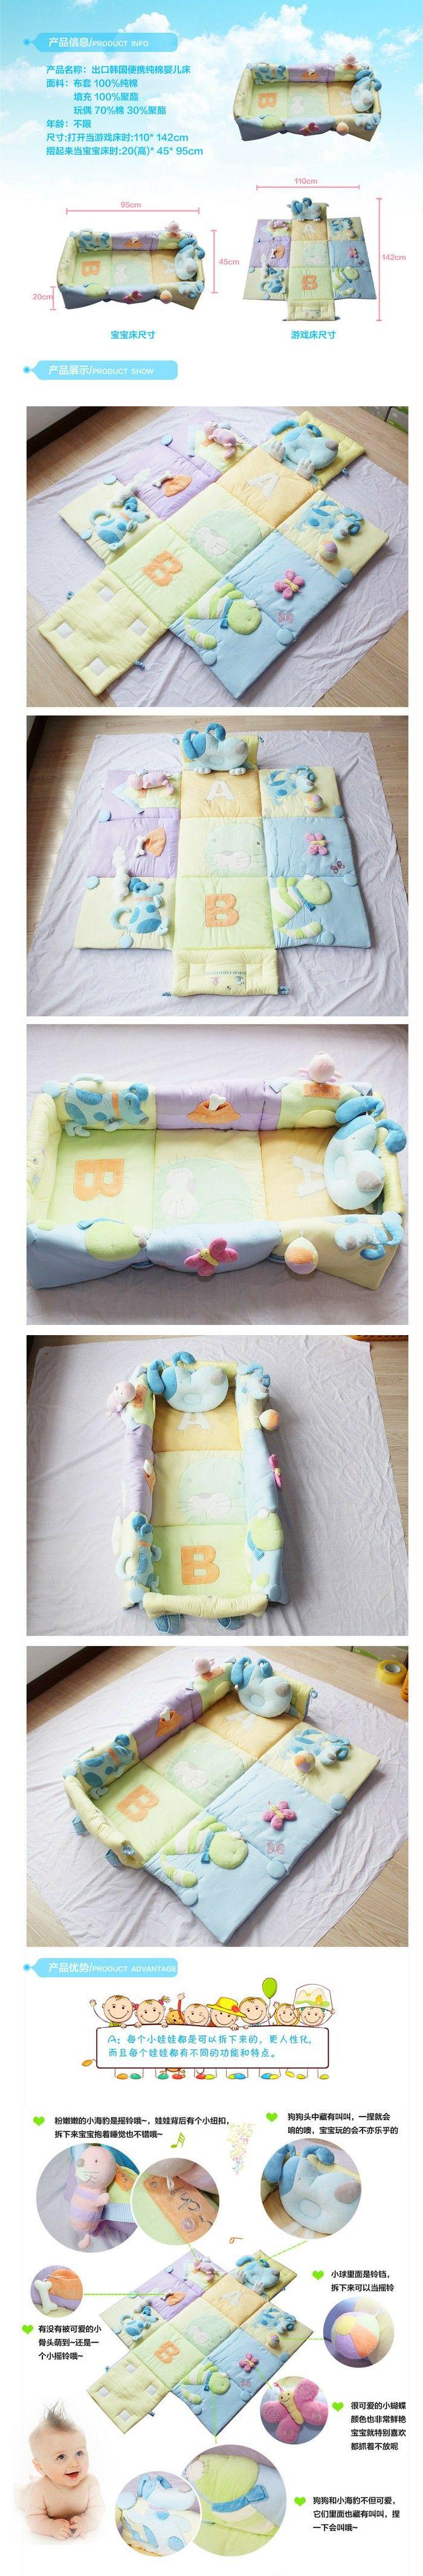 欢迎大家的...来自宇宝贝幸福手做生活馆的图片分享-堆糖网